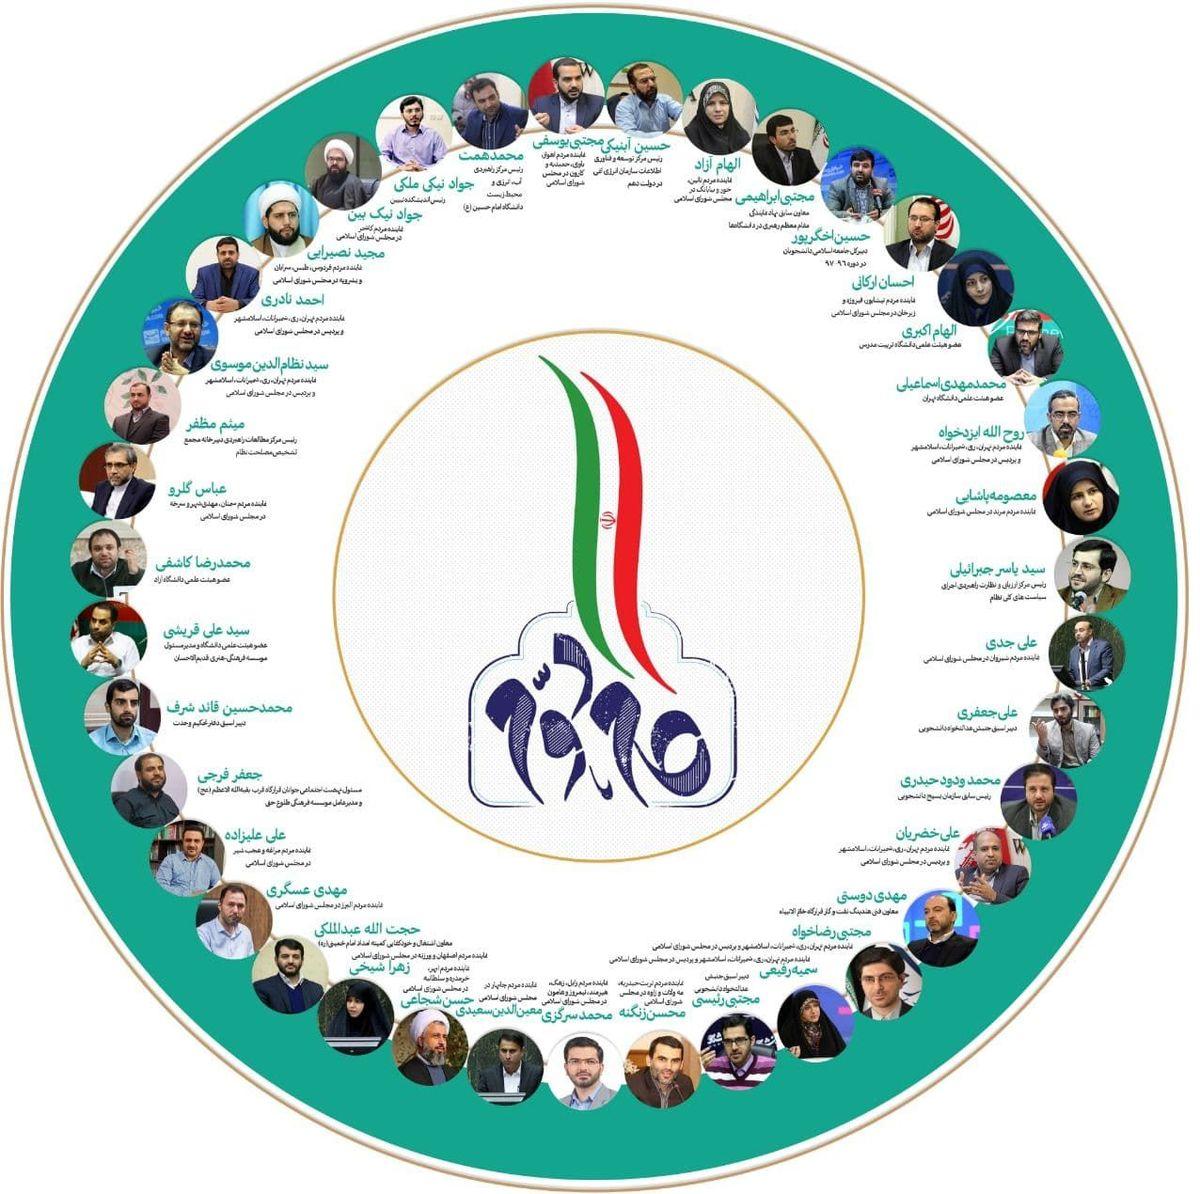 اقدامات قابل توجه از سوی جوانان در چارچوب بیانیه گام دوم انقلاب اسلامی